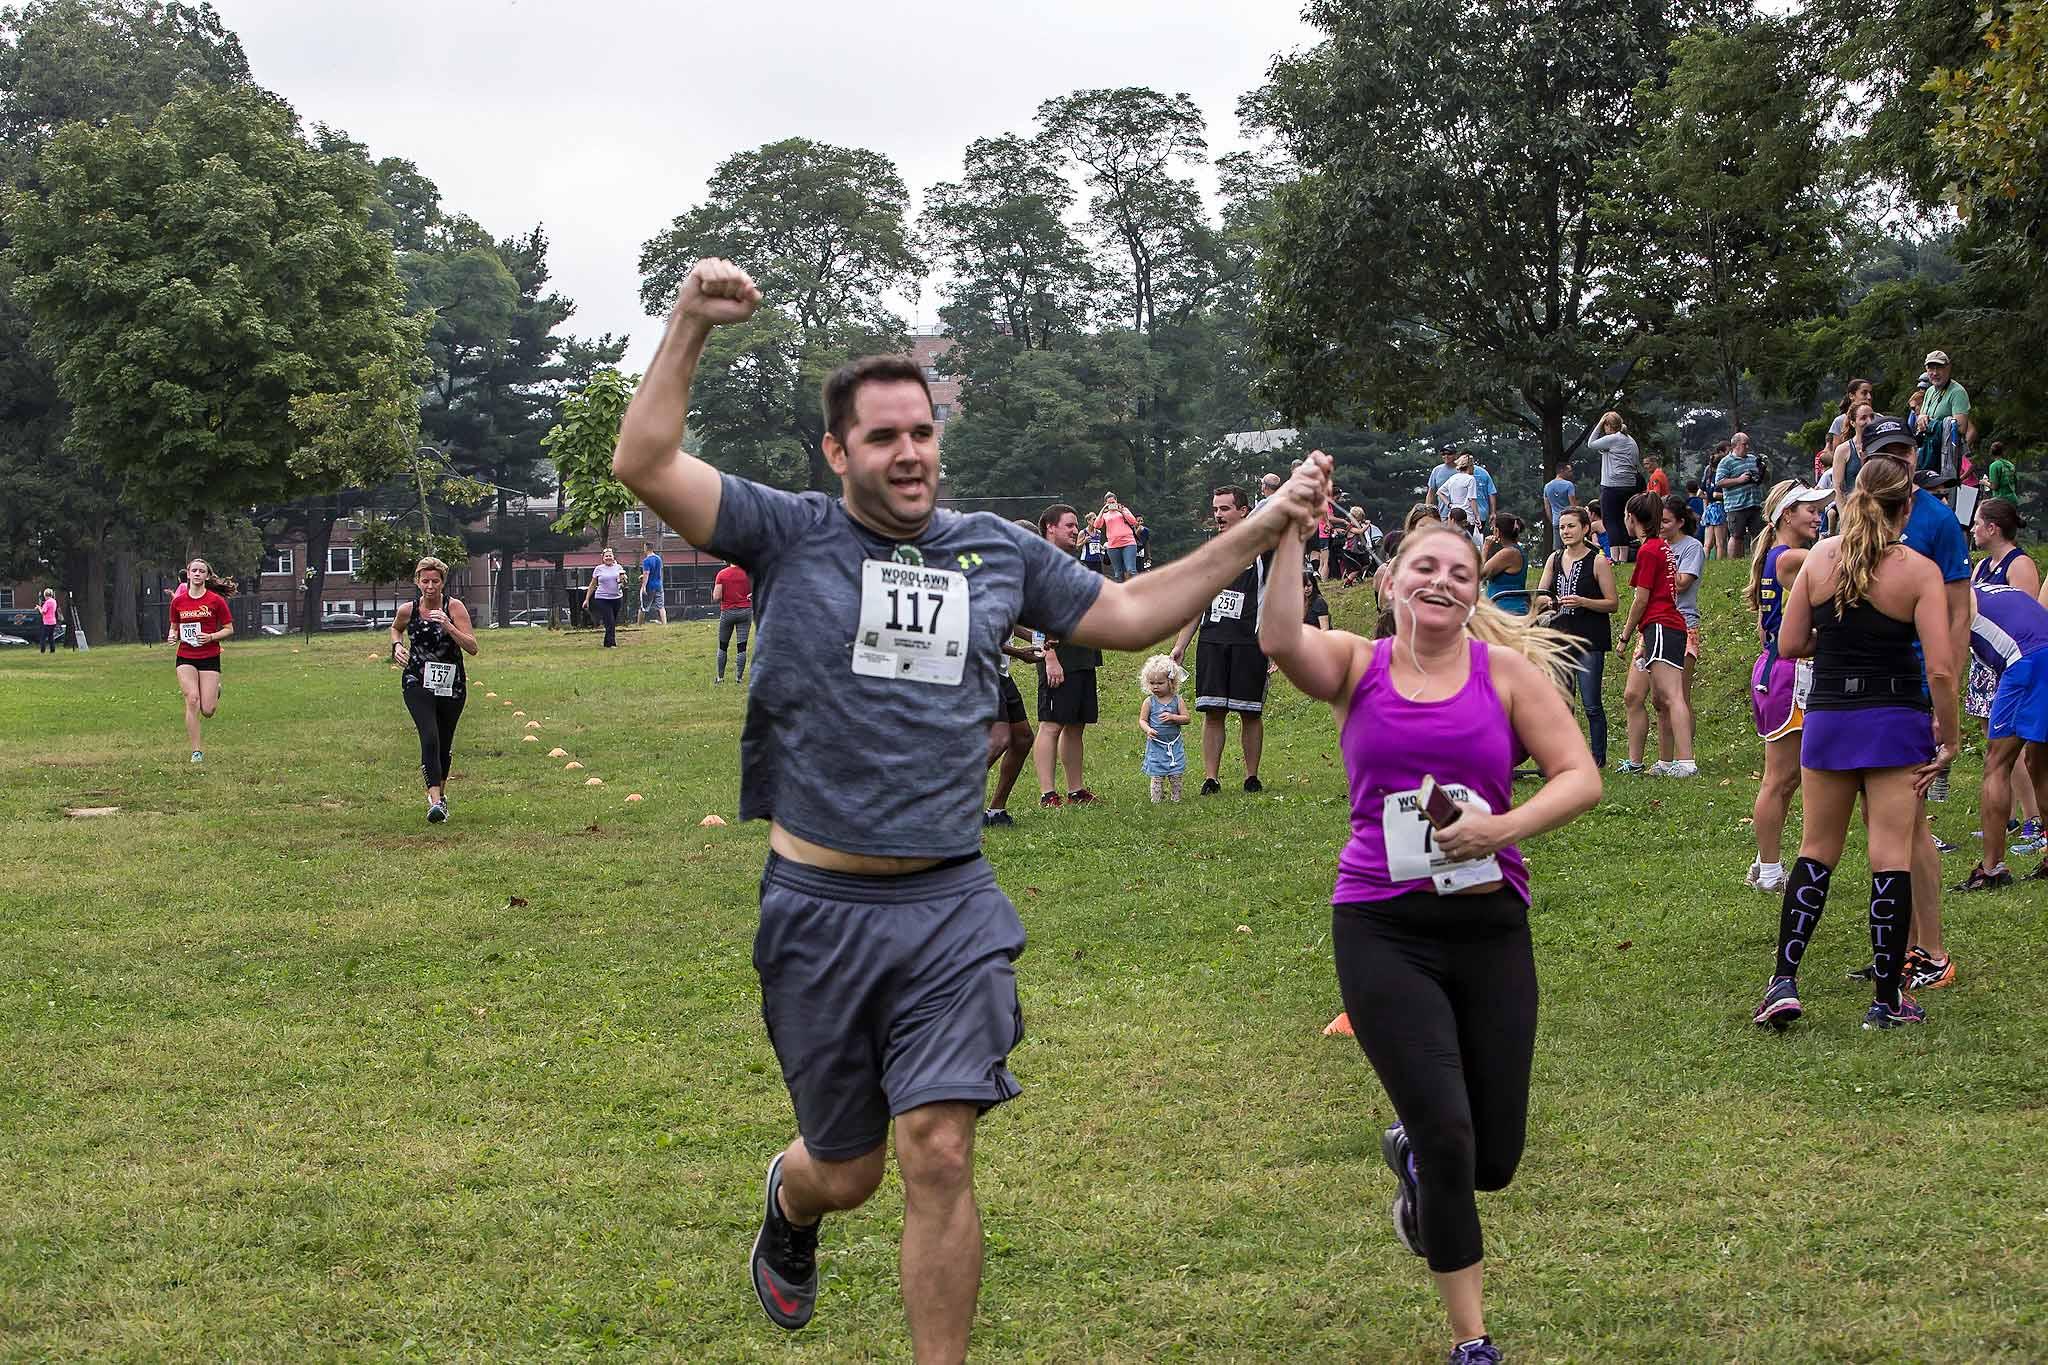 153-Woodlawn Run for a Cause-395.jpg